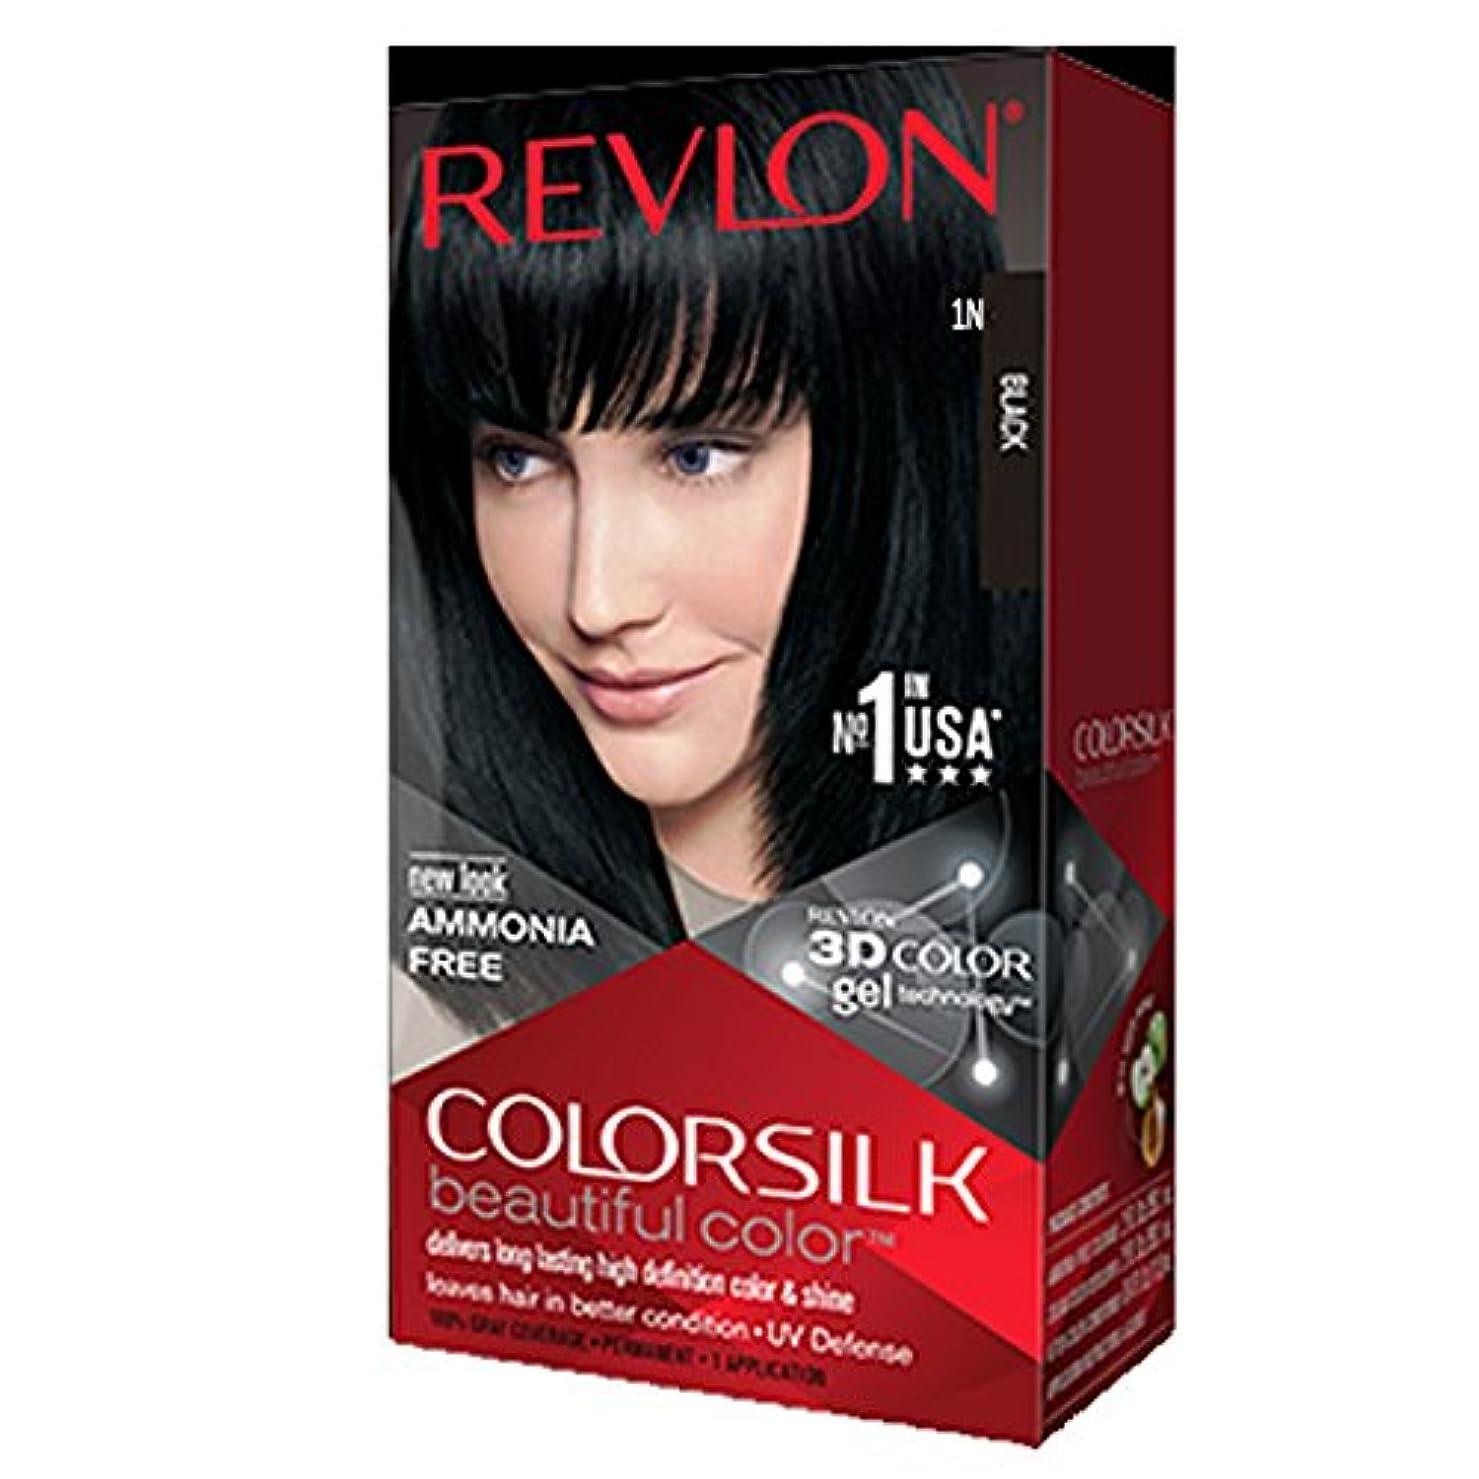 大陸顔料公平なRevlon Colorsilk Hair Color with 3D Color Gel Technology Black 1N